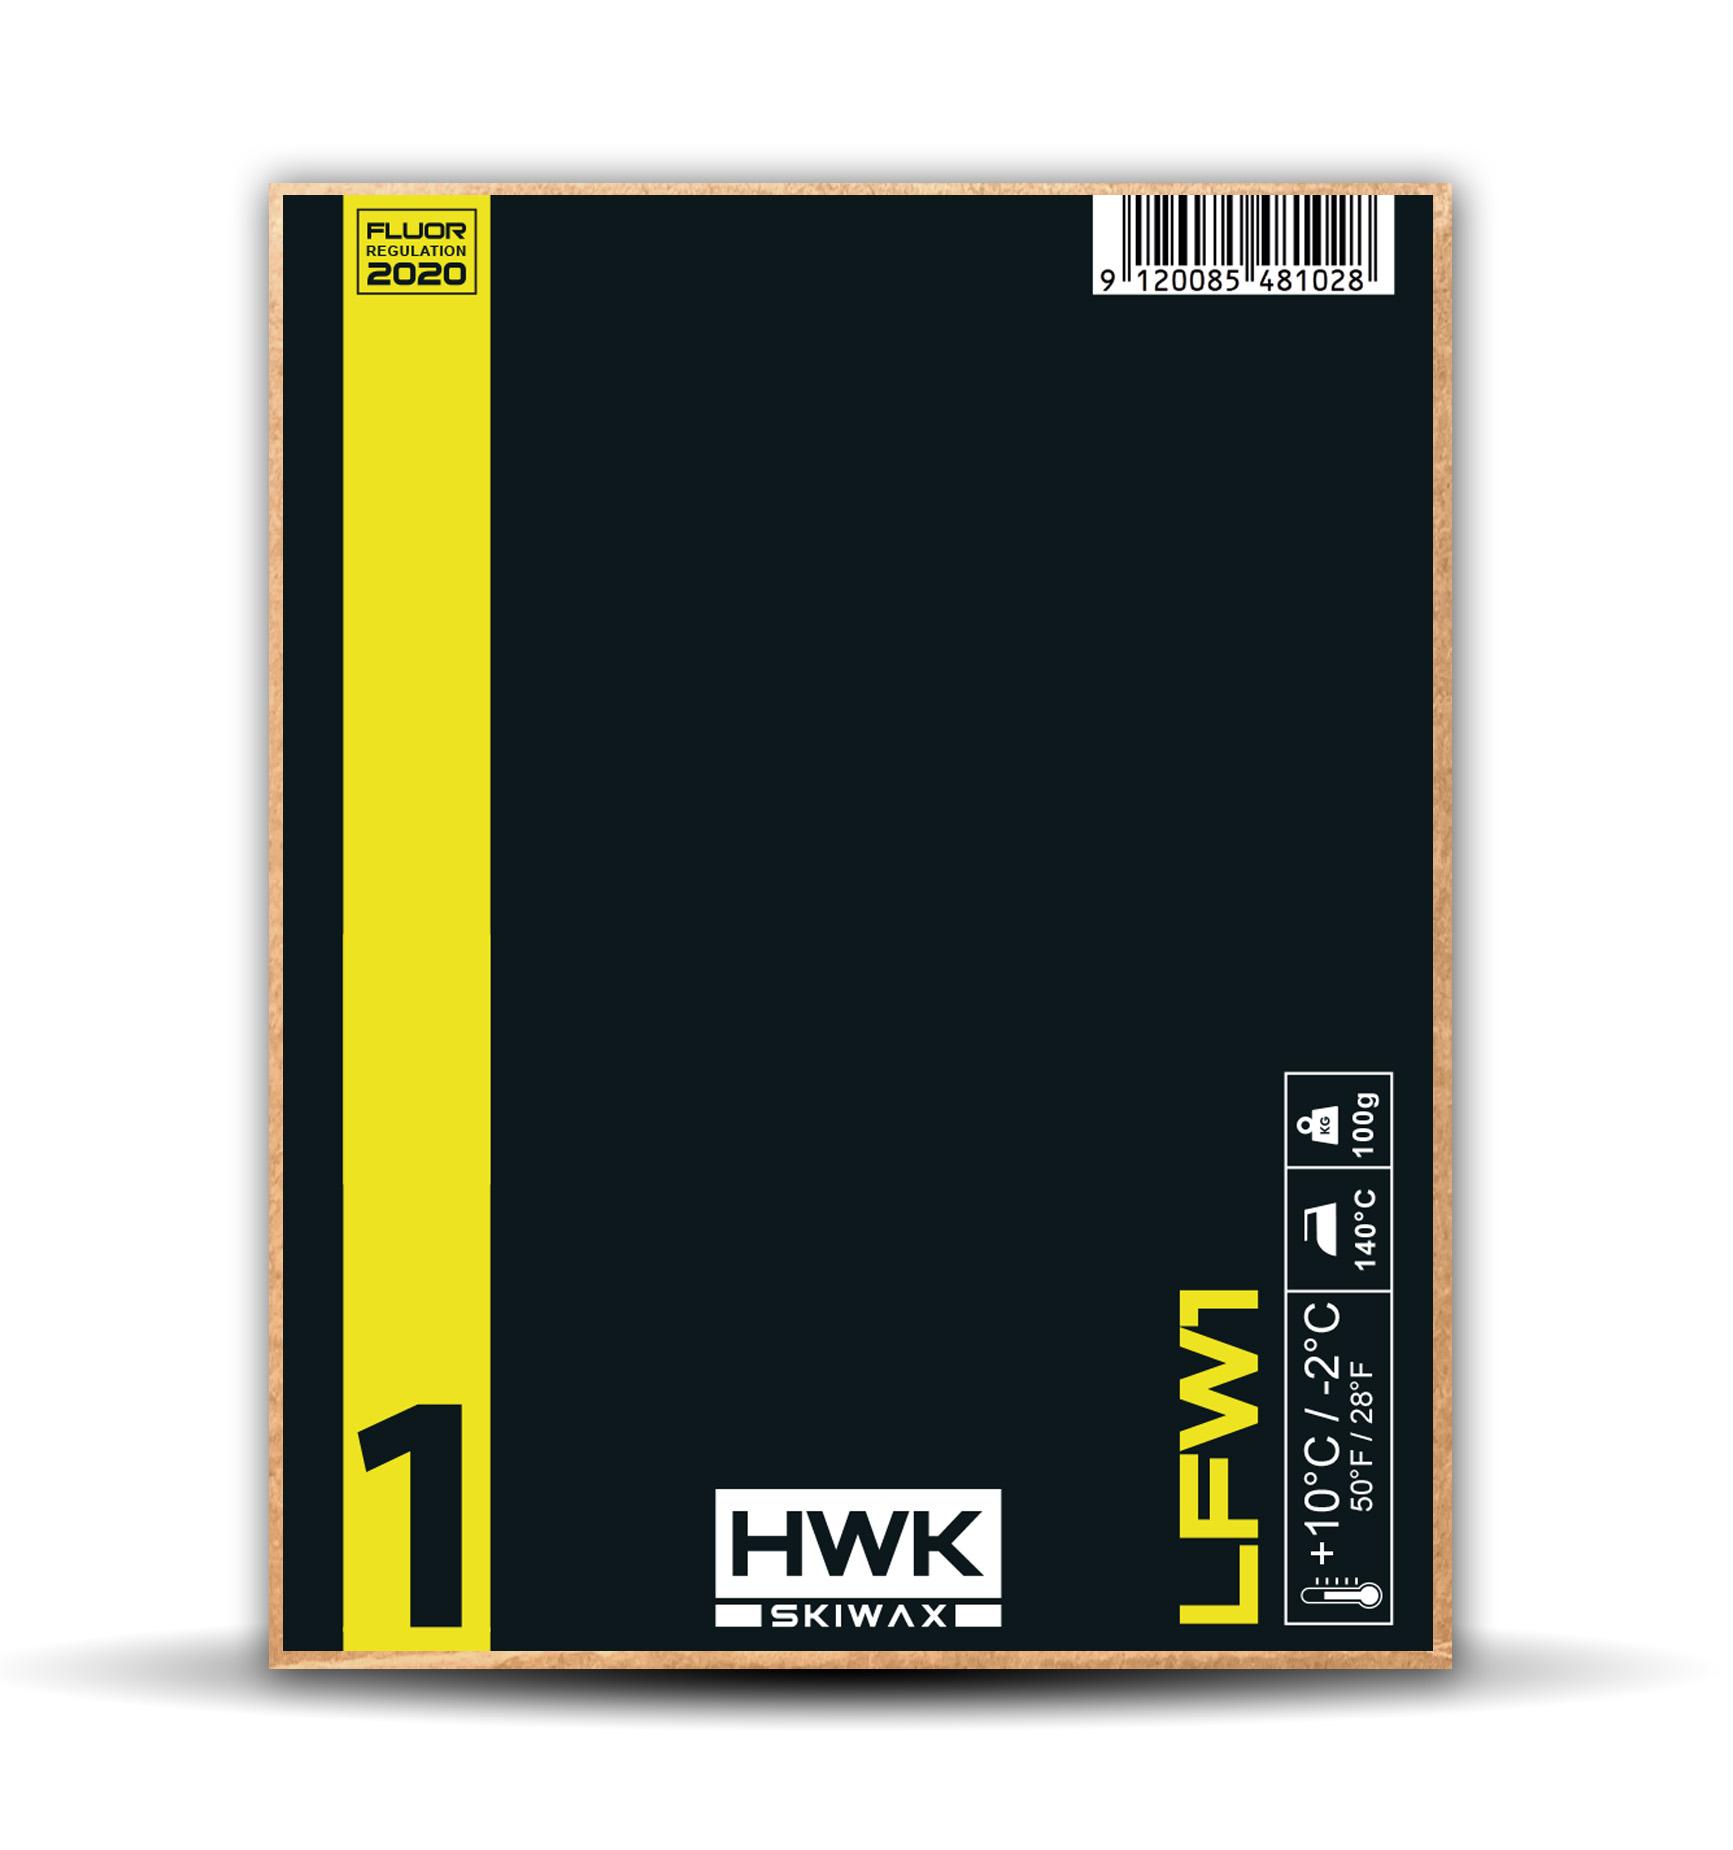 HWK LFW1 (F1)